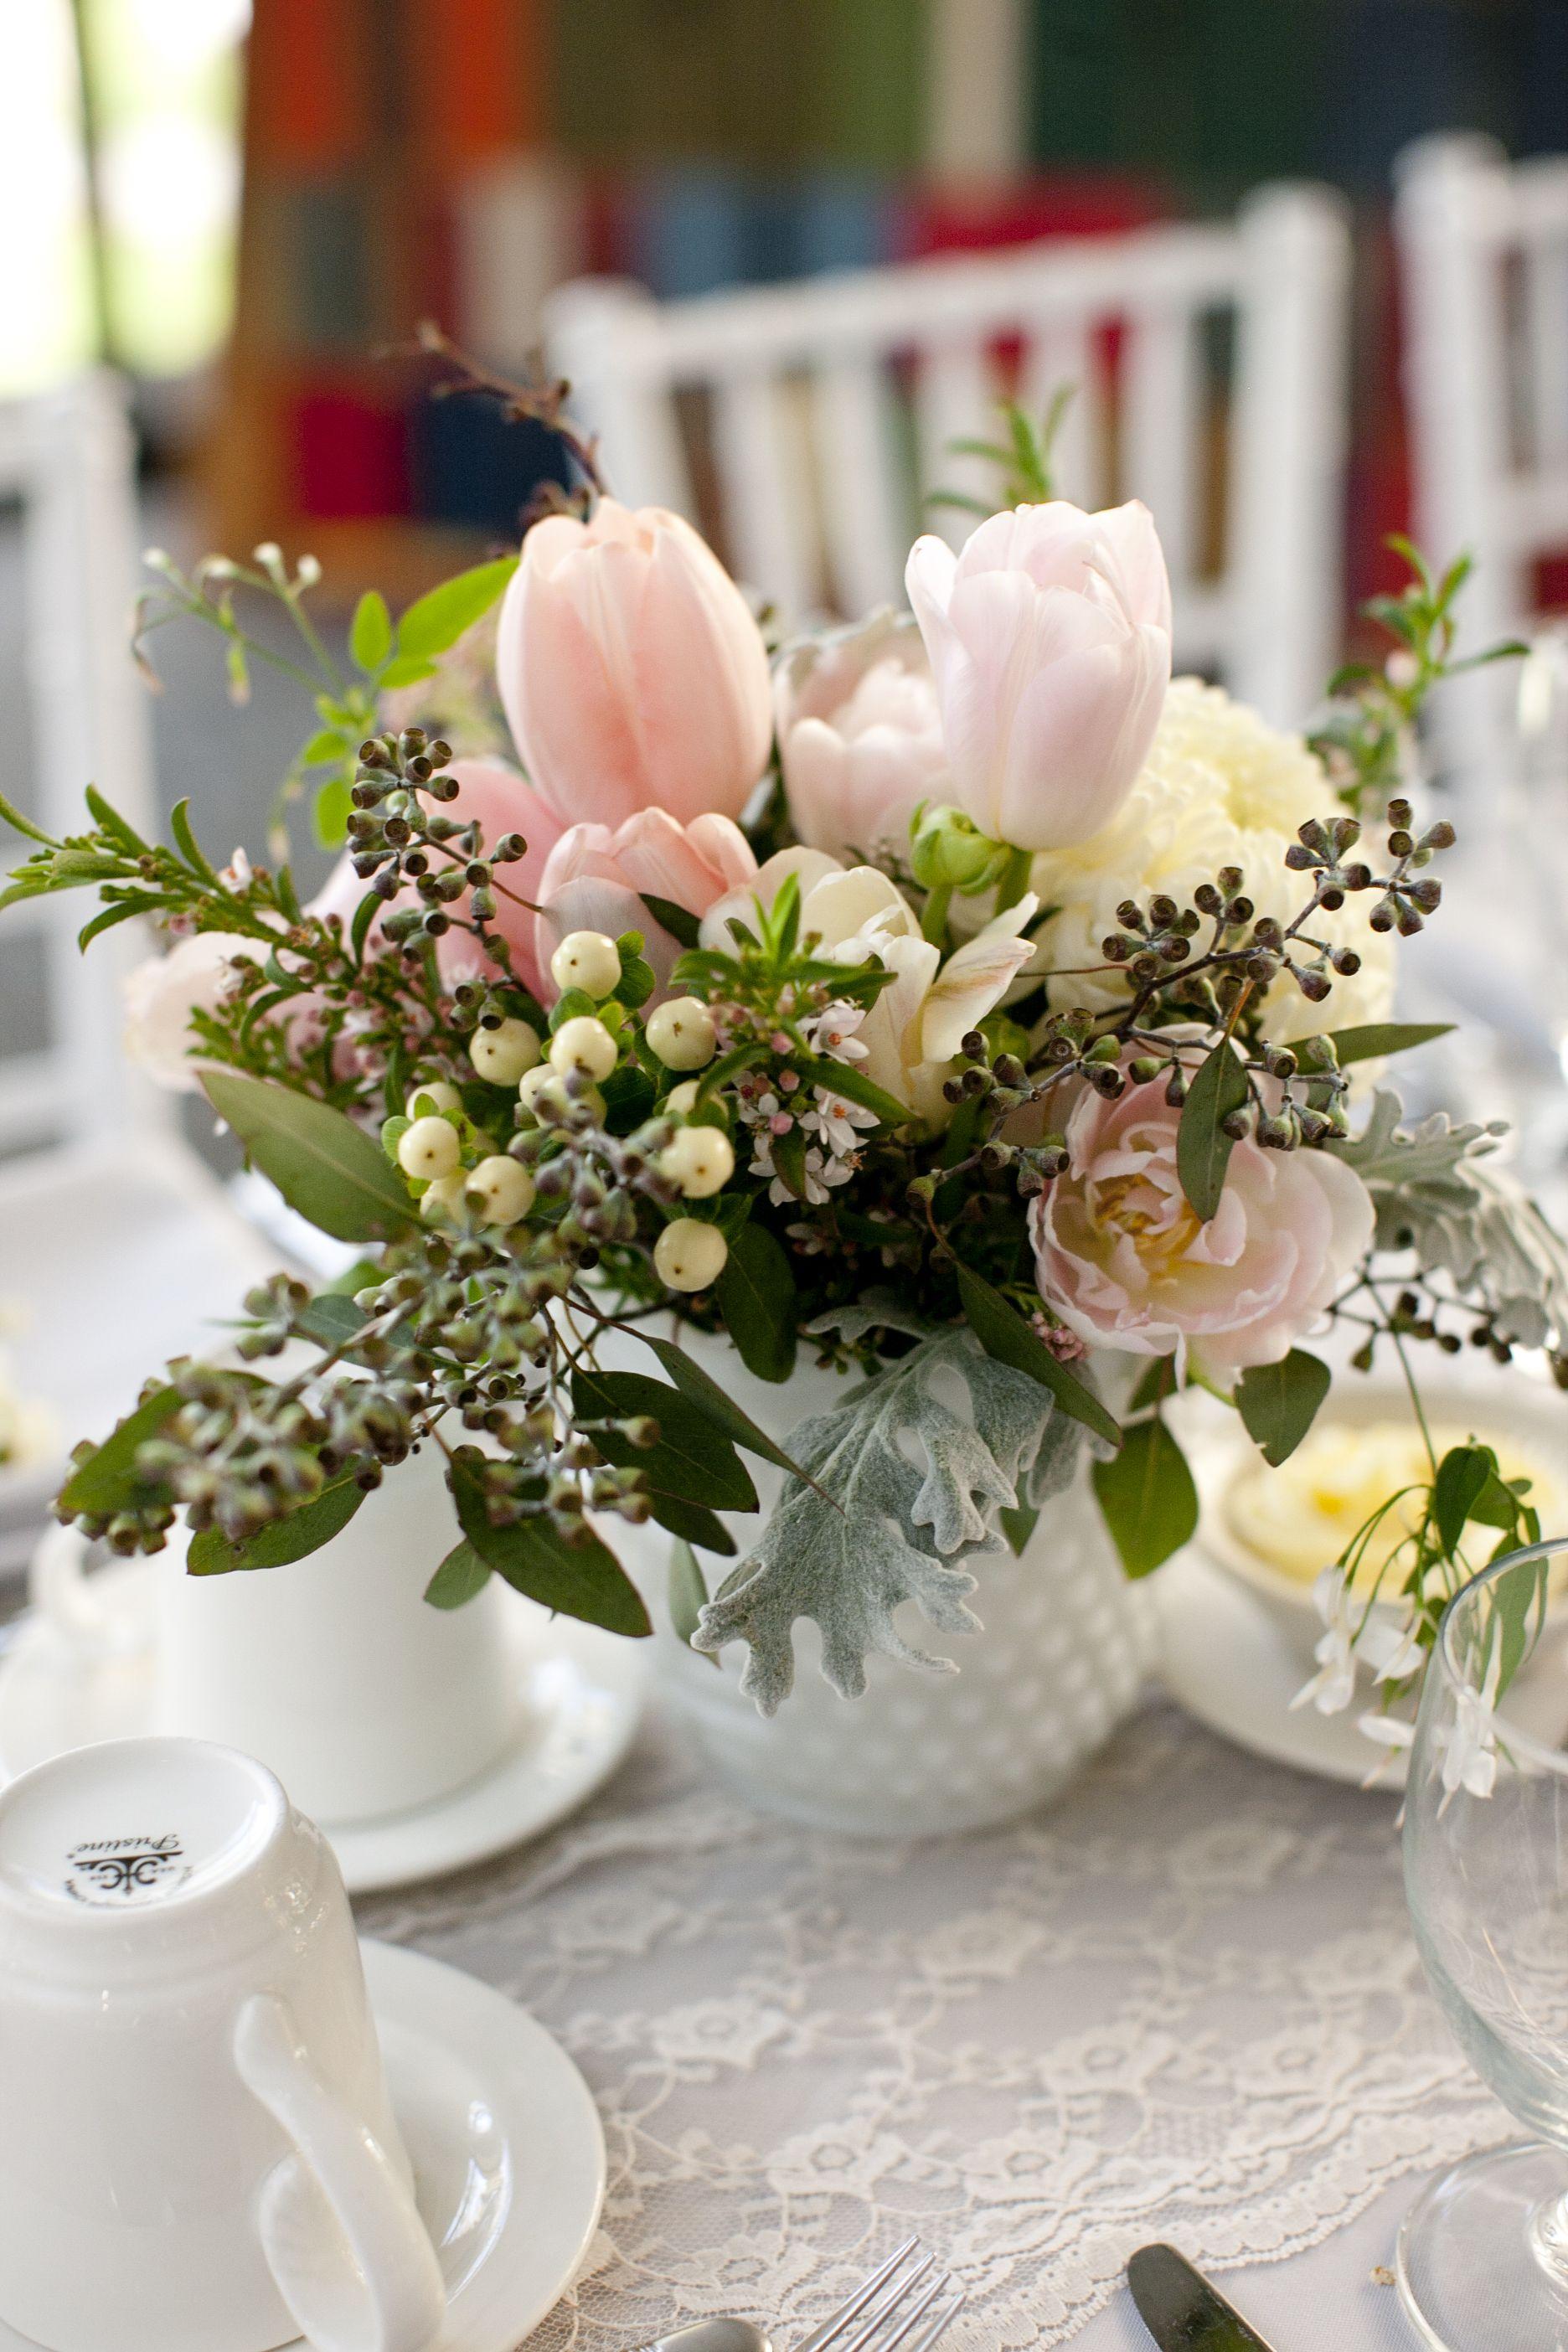 Easter pedestal | Church flowers | Pinterest | Easter ... |Large Spring Floral Arrangements